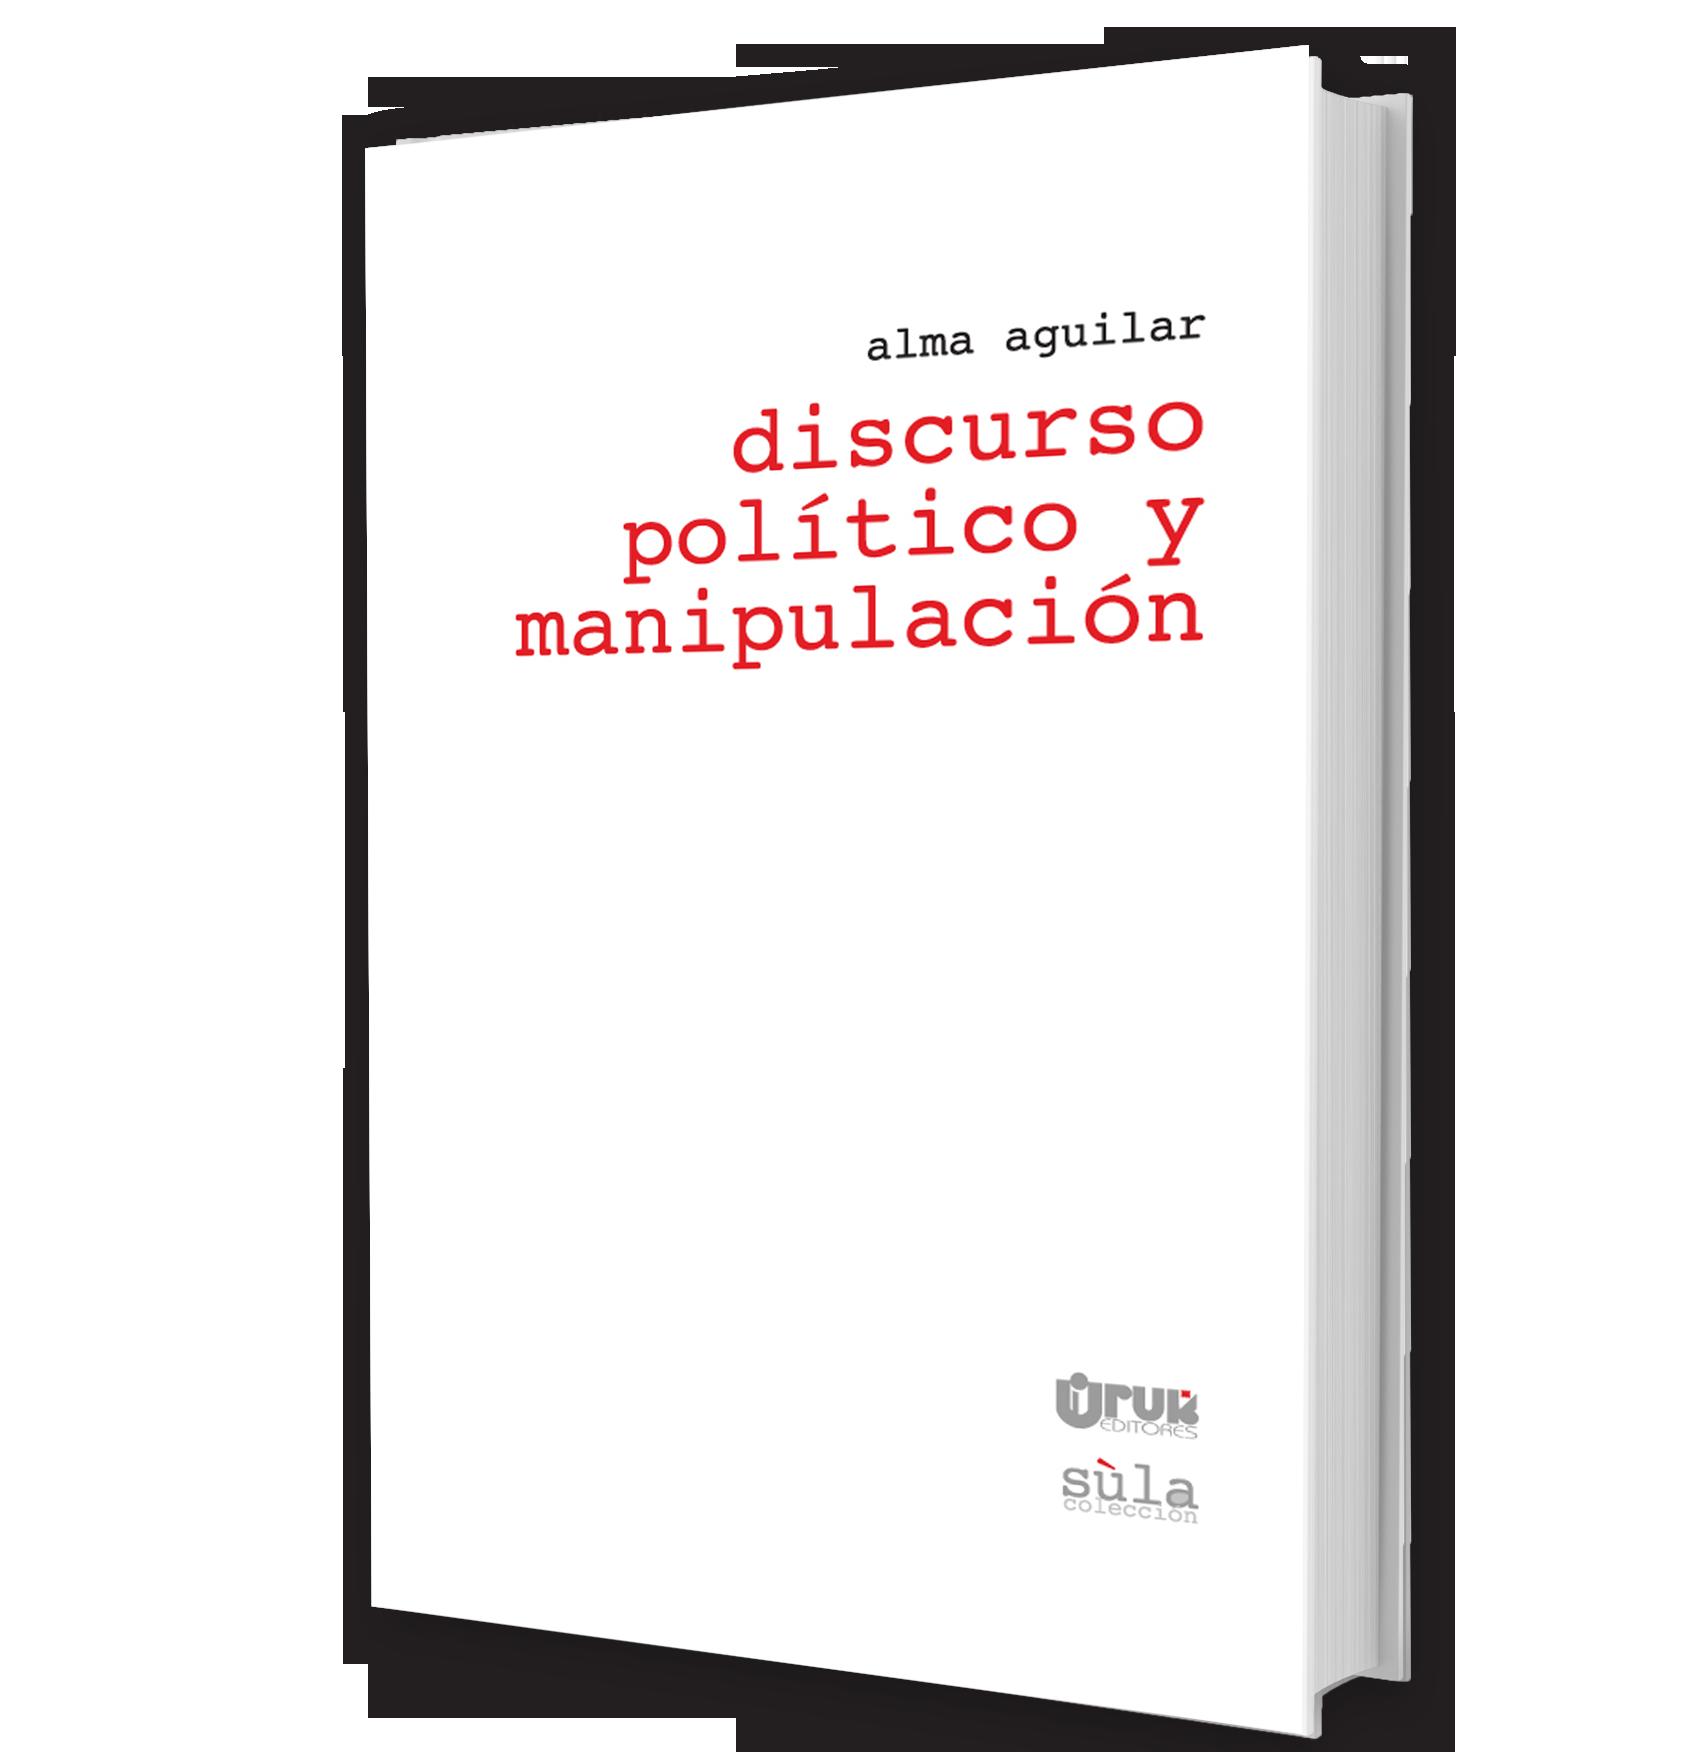 Discurso político y manipulación